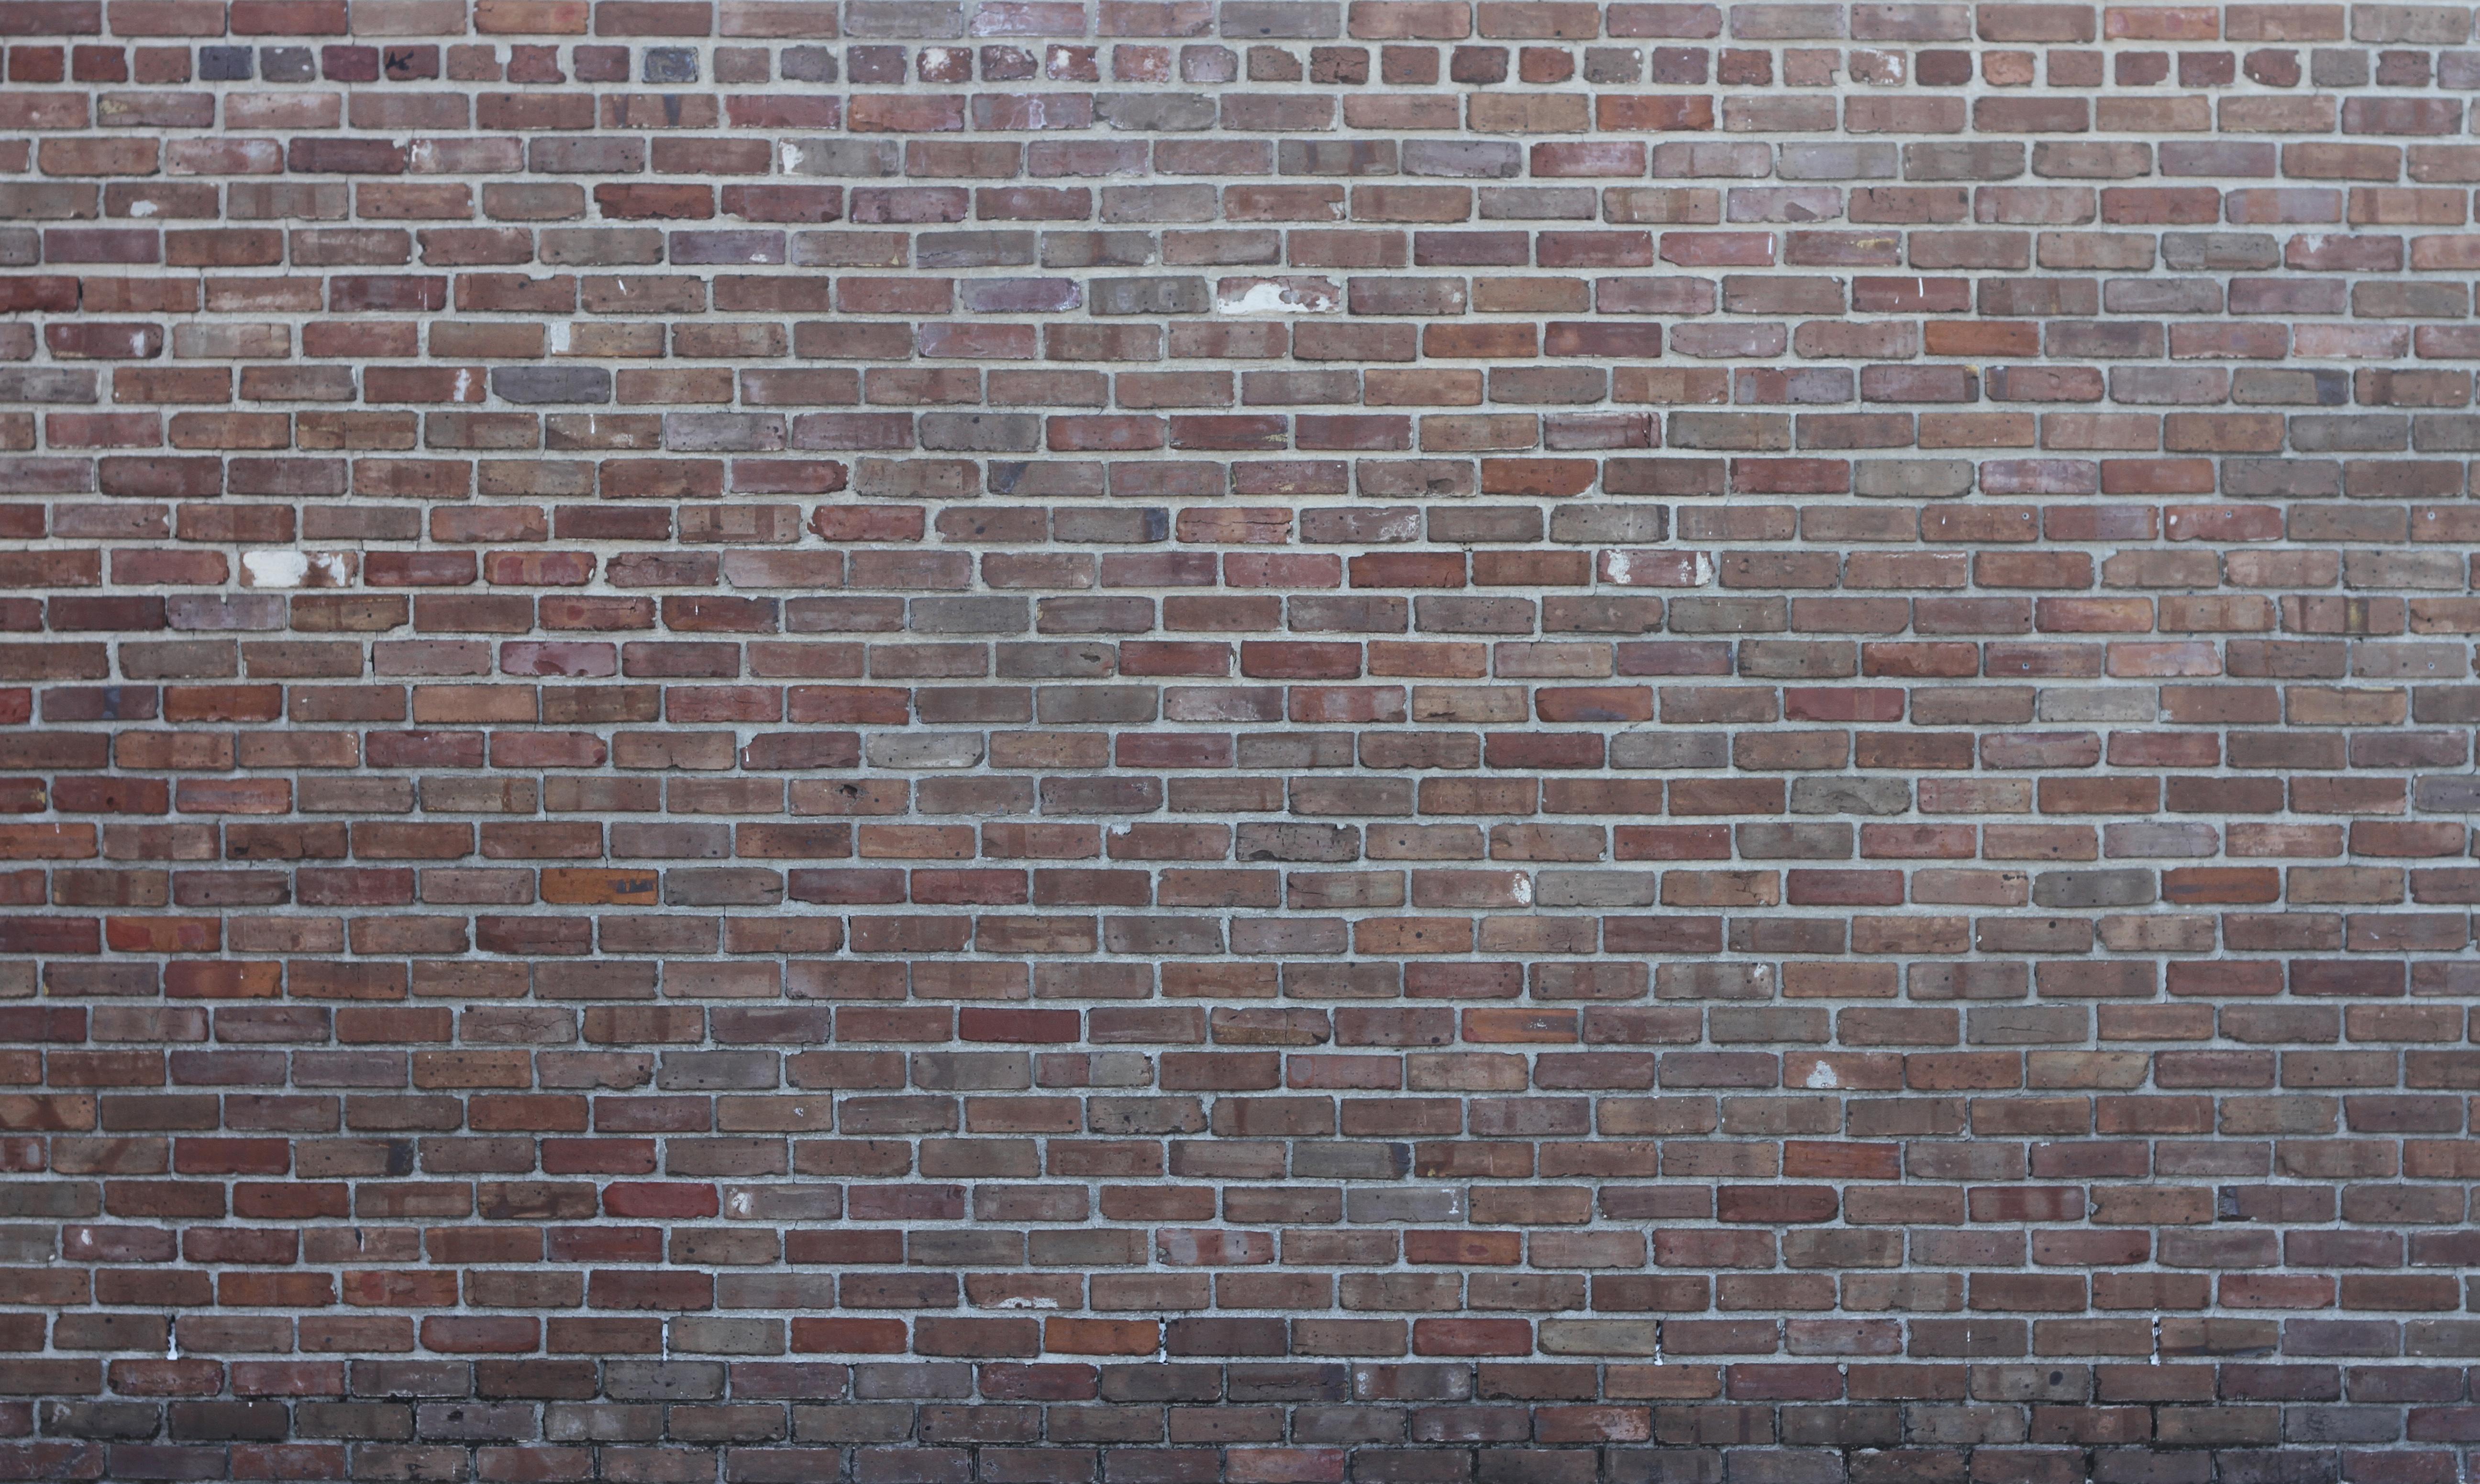 Grayish Brick Wall Texture - 14Textures